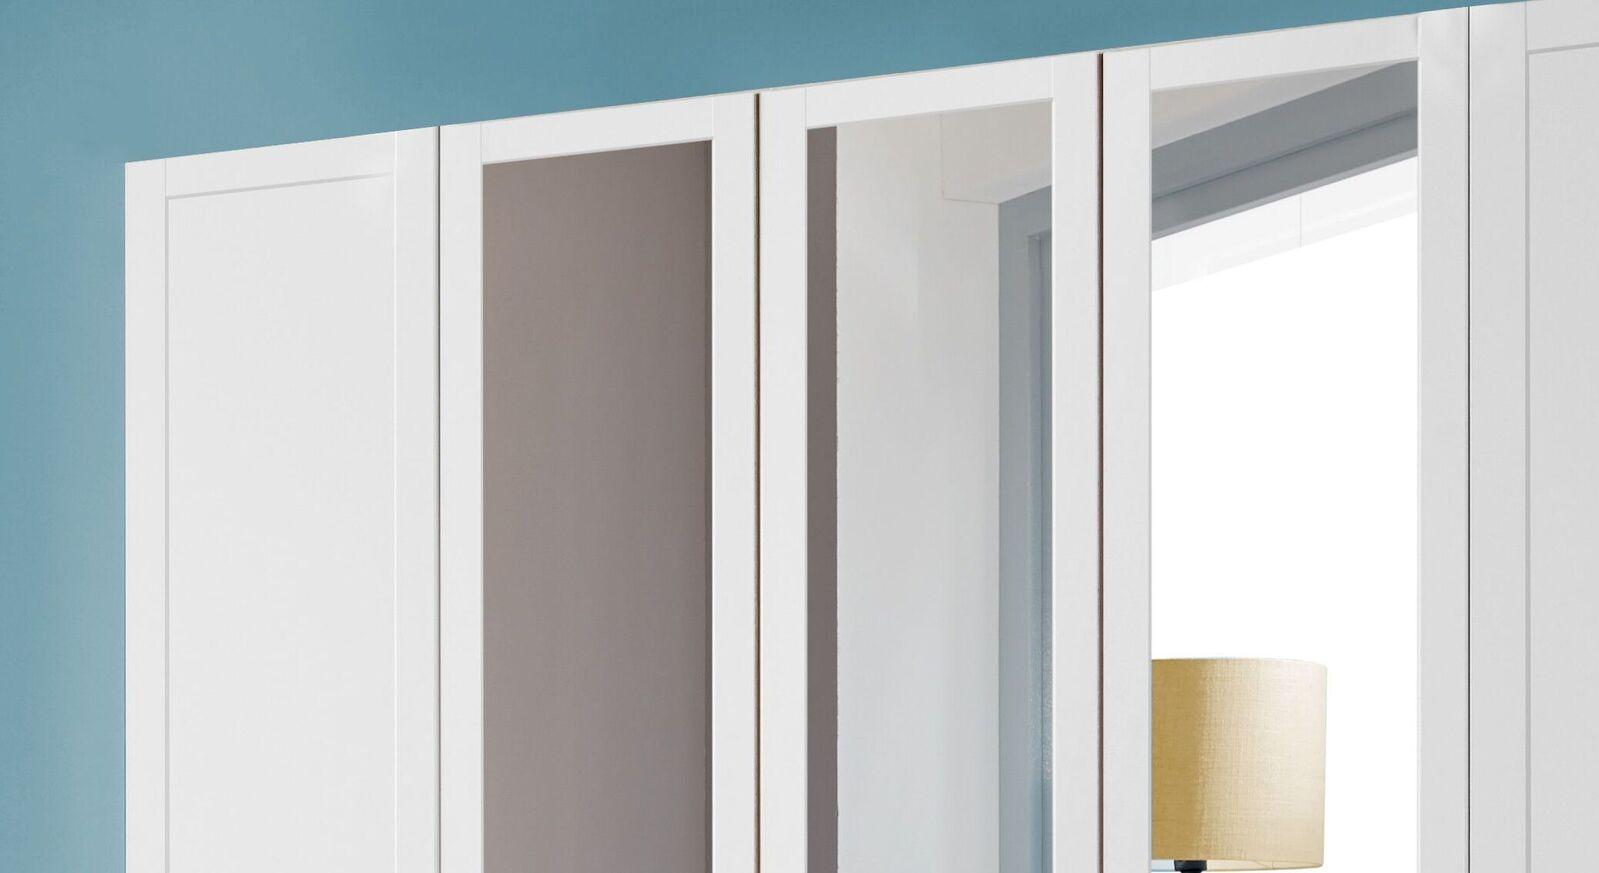 Spiegel-Kleiderschrank Alvito mit stilvoller Kassettenoptik